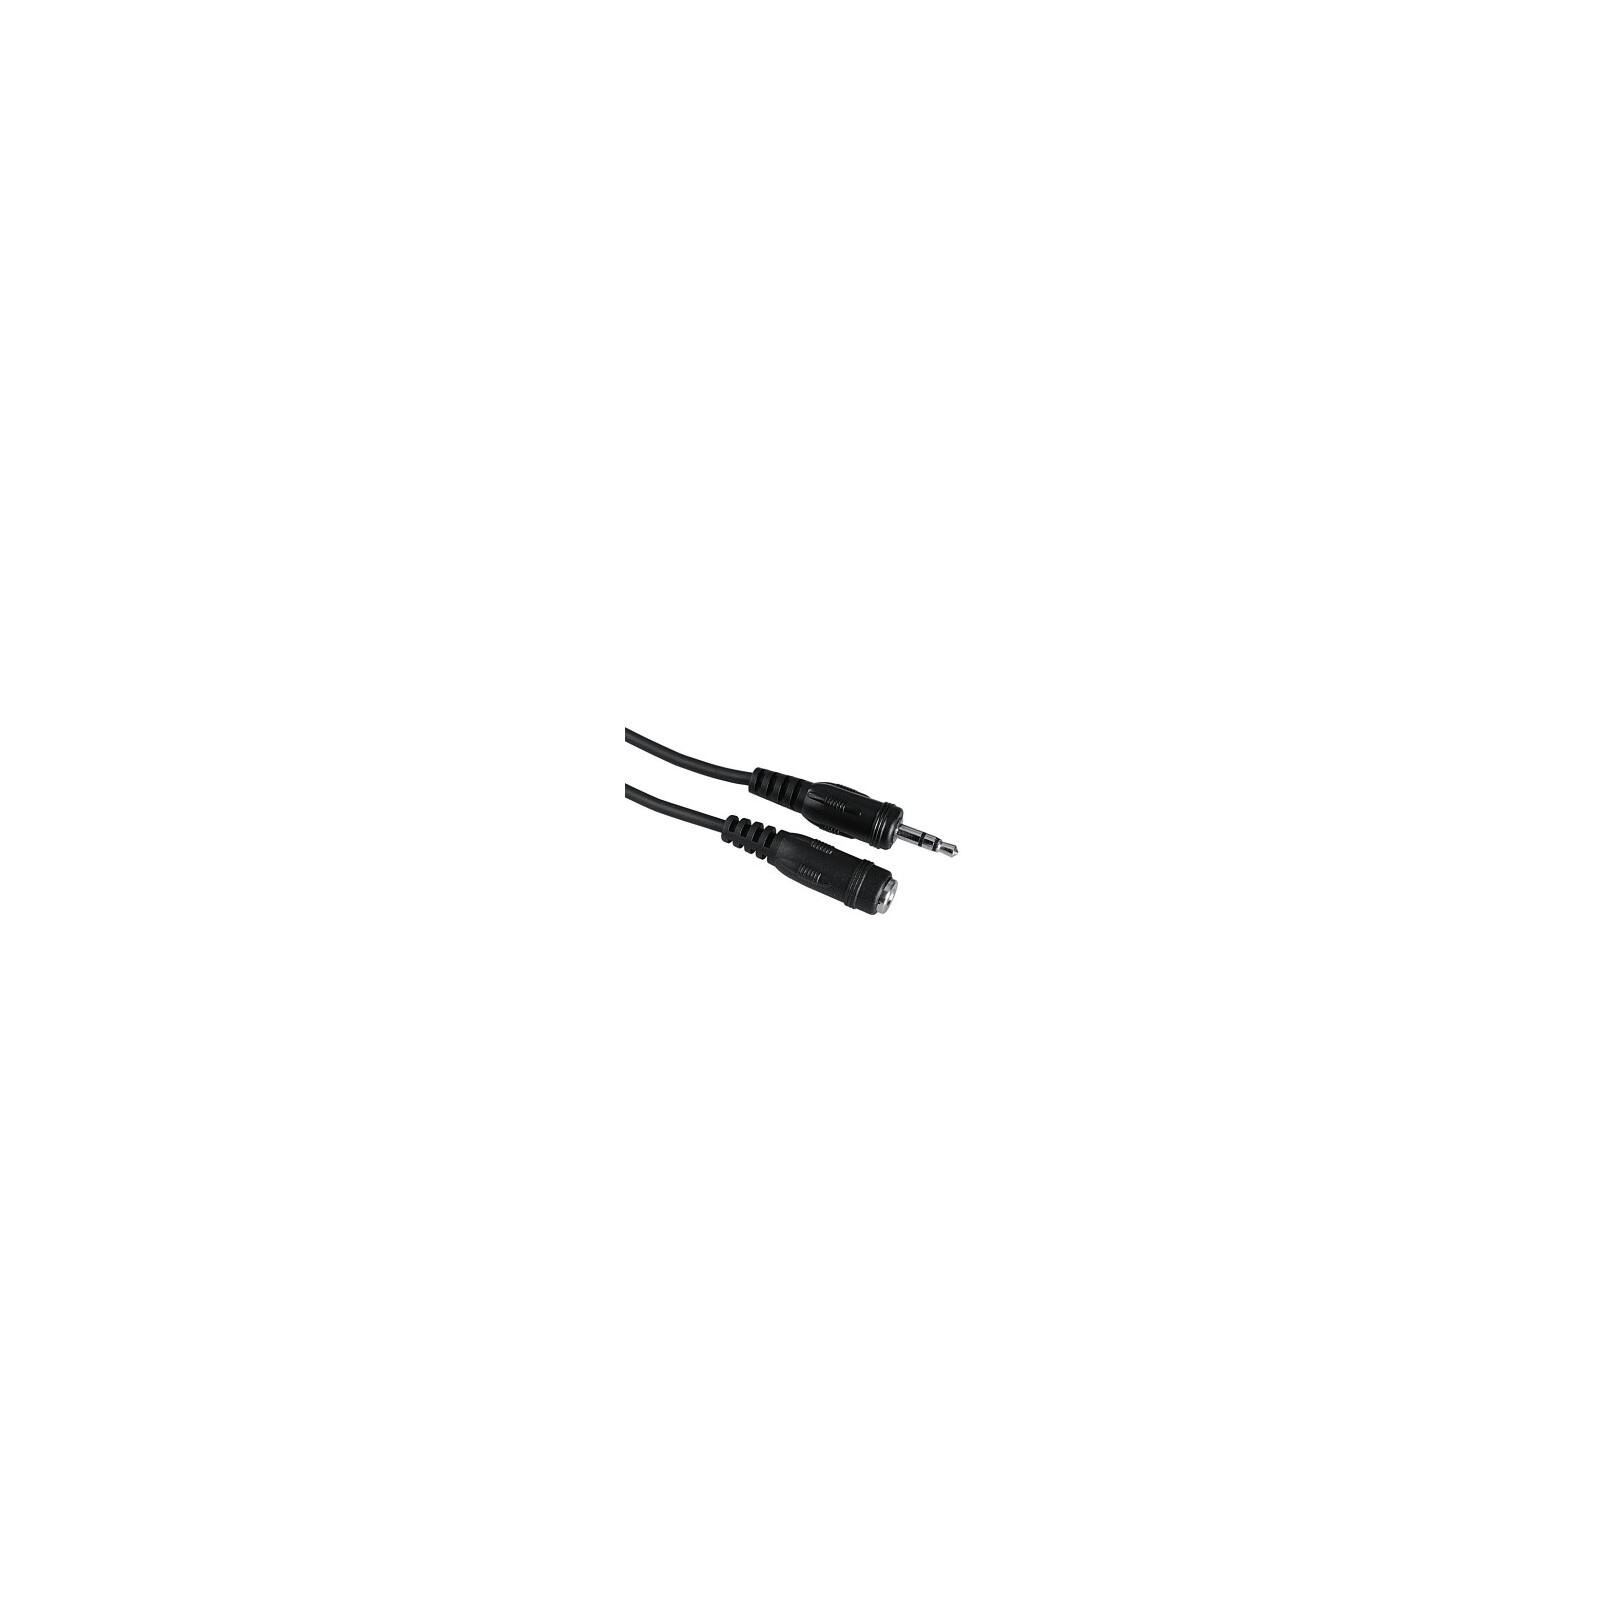 Hama 43302 Audio-Kabel 3,5-mm-Klinken-Stecker/Kupplung, Ster